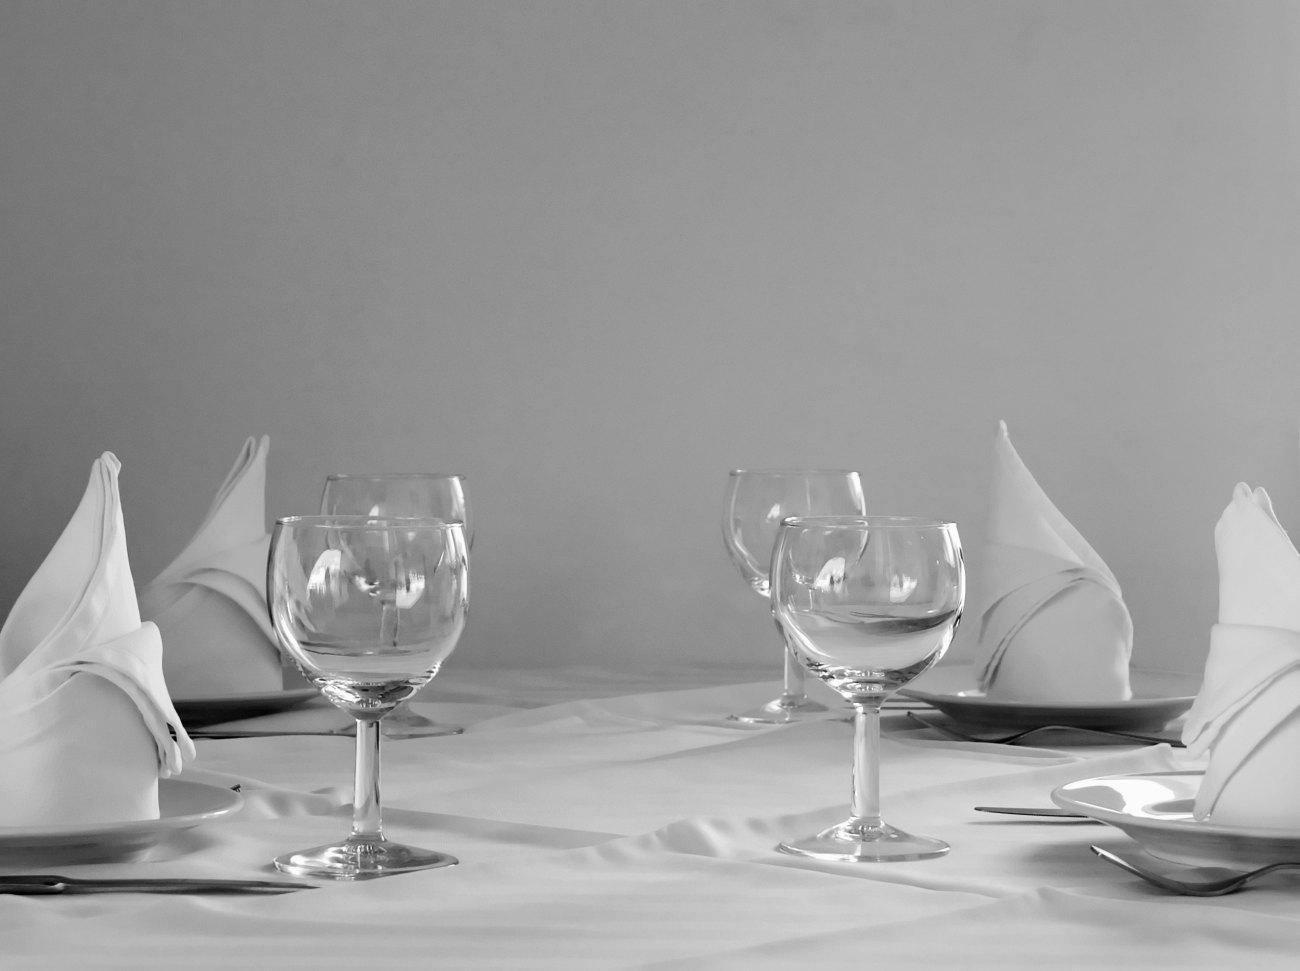 Resto École Côté-Jardin - Restaurant Cuisine Internationale Drummondville, Cantons-de-l'Est / ESTRIE